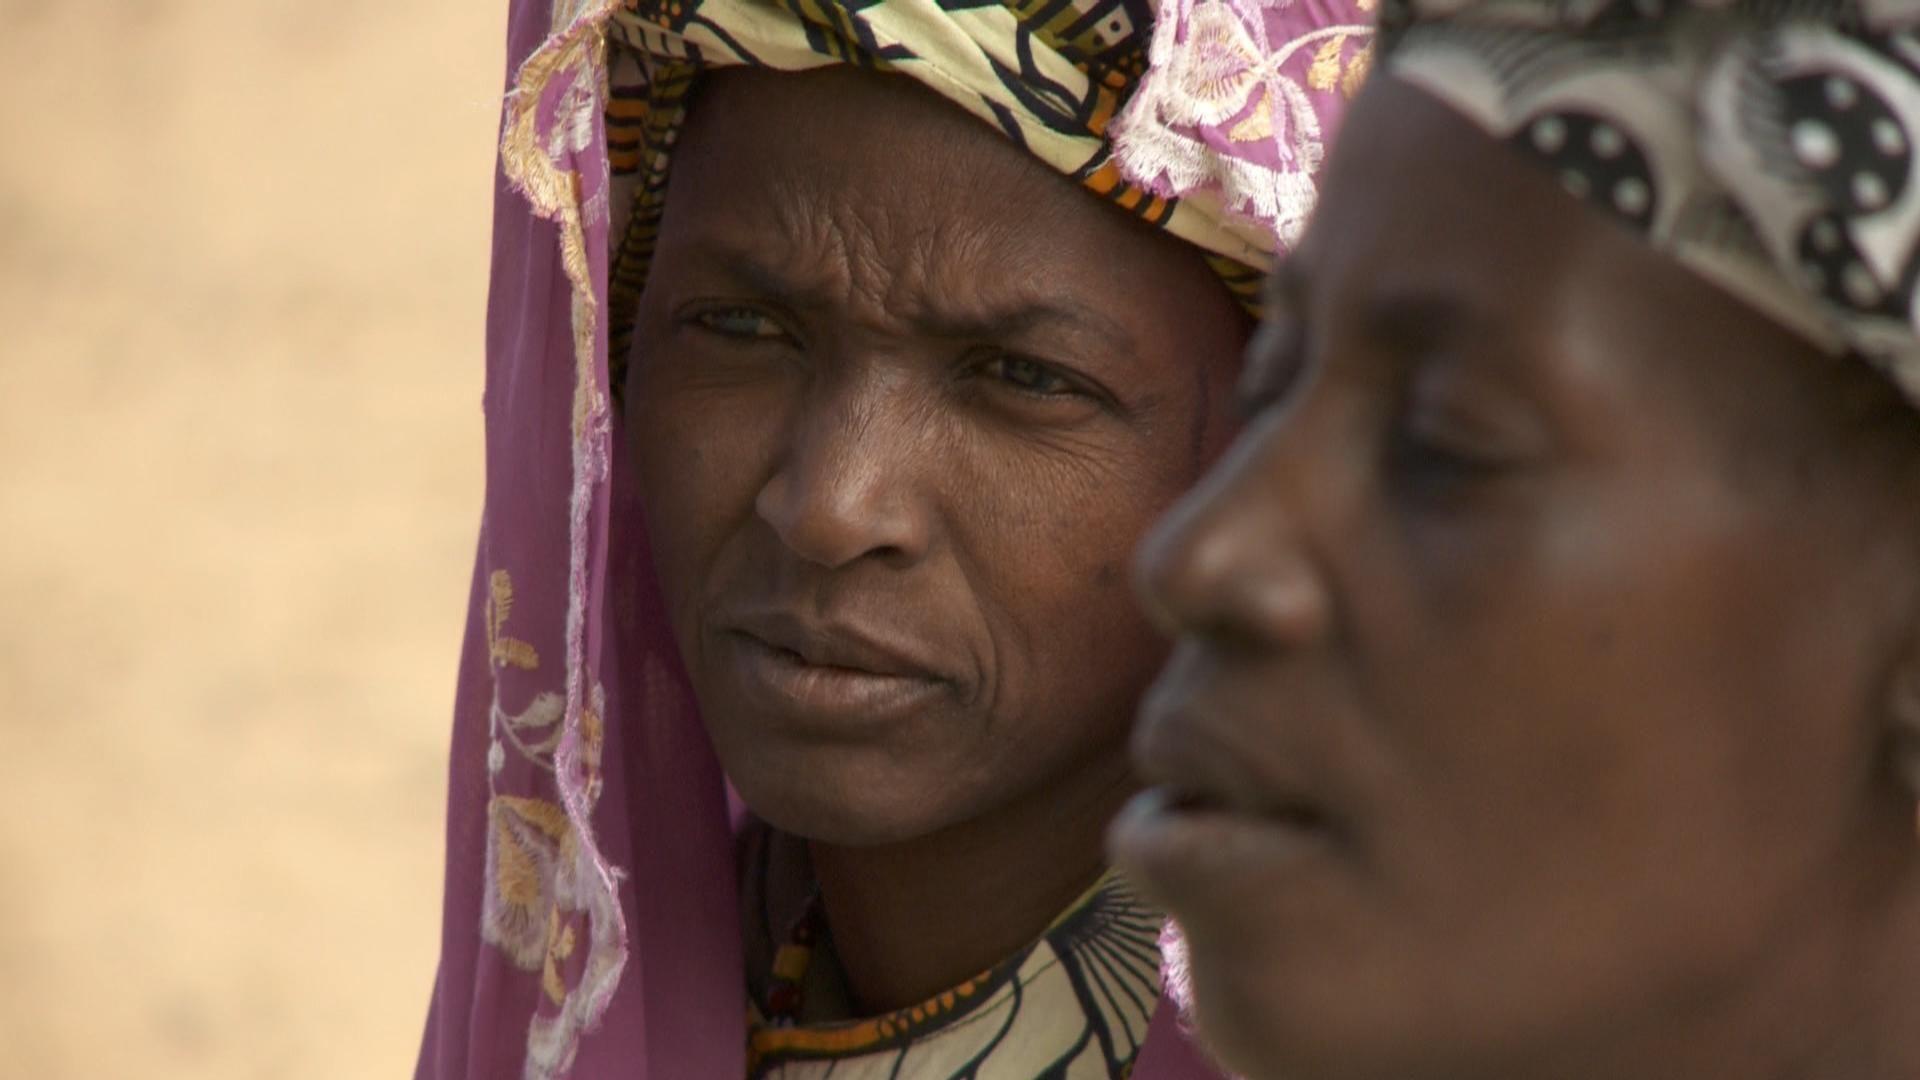 Mauritanie : 245 millions d'ouguiyas pour appuyer les femmes de Tagant